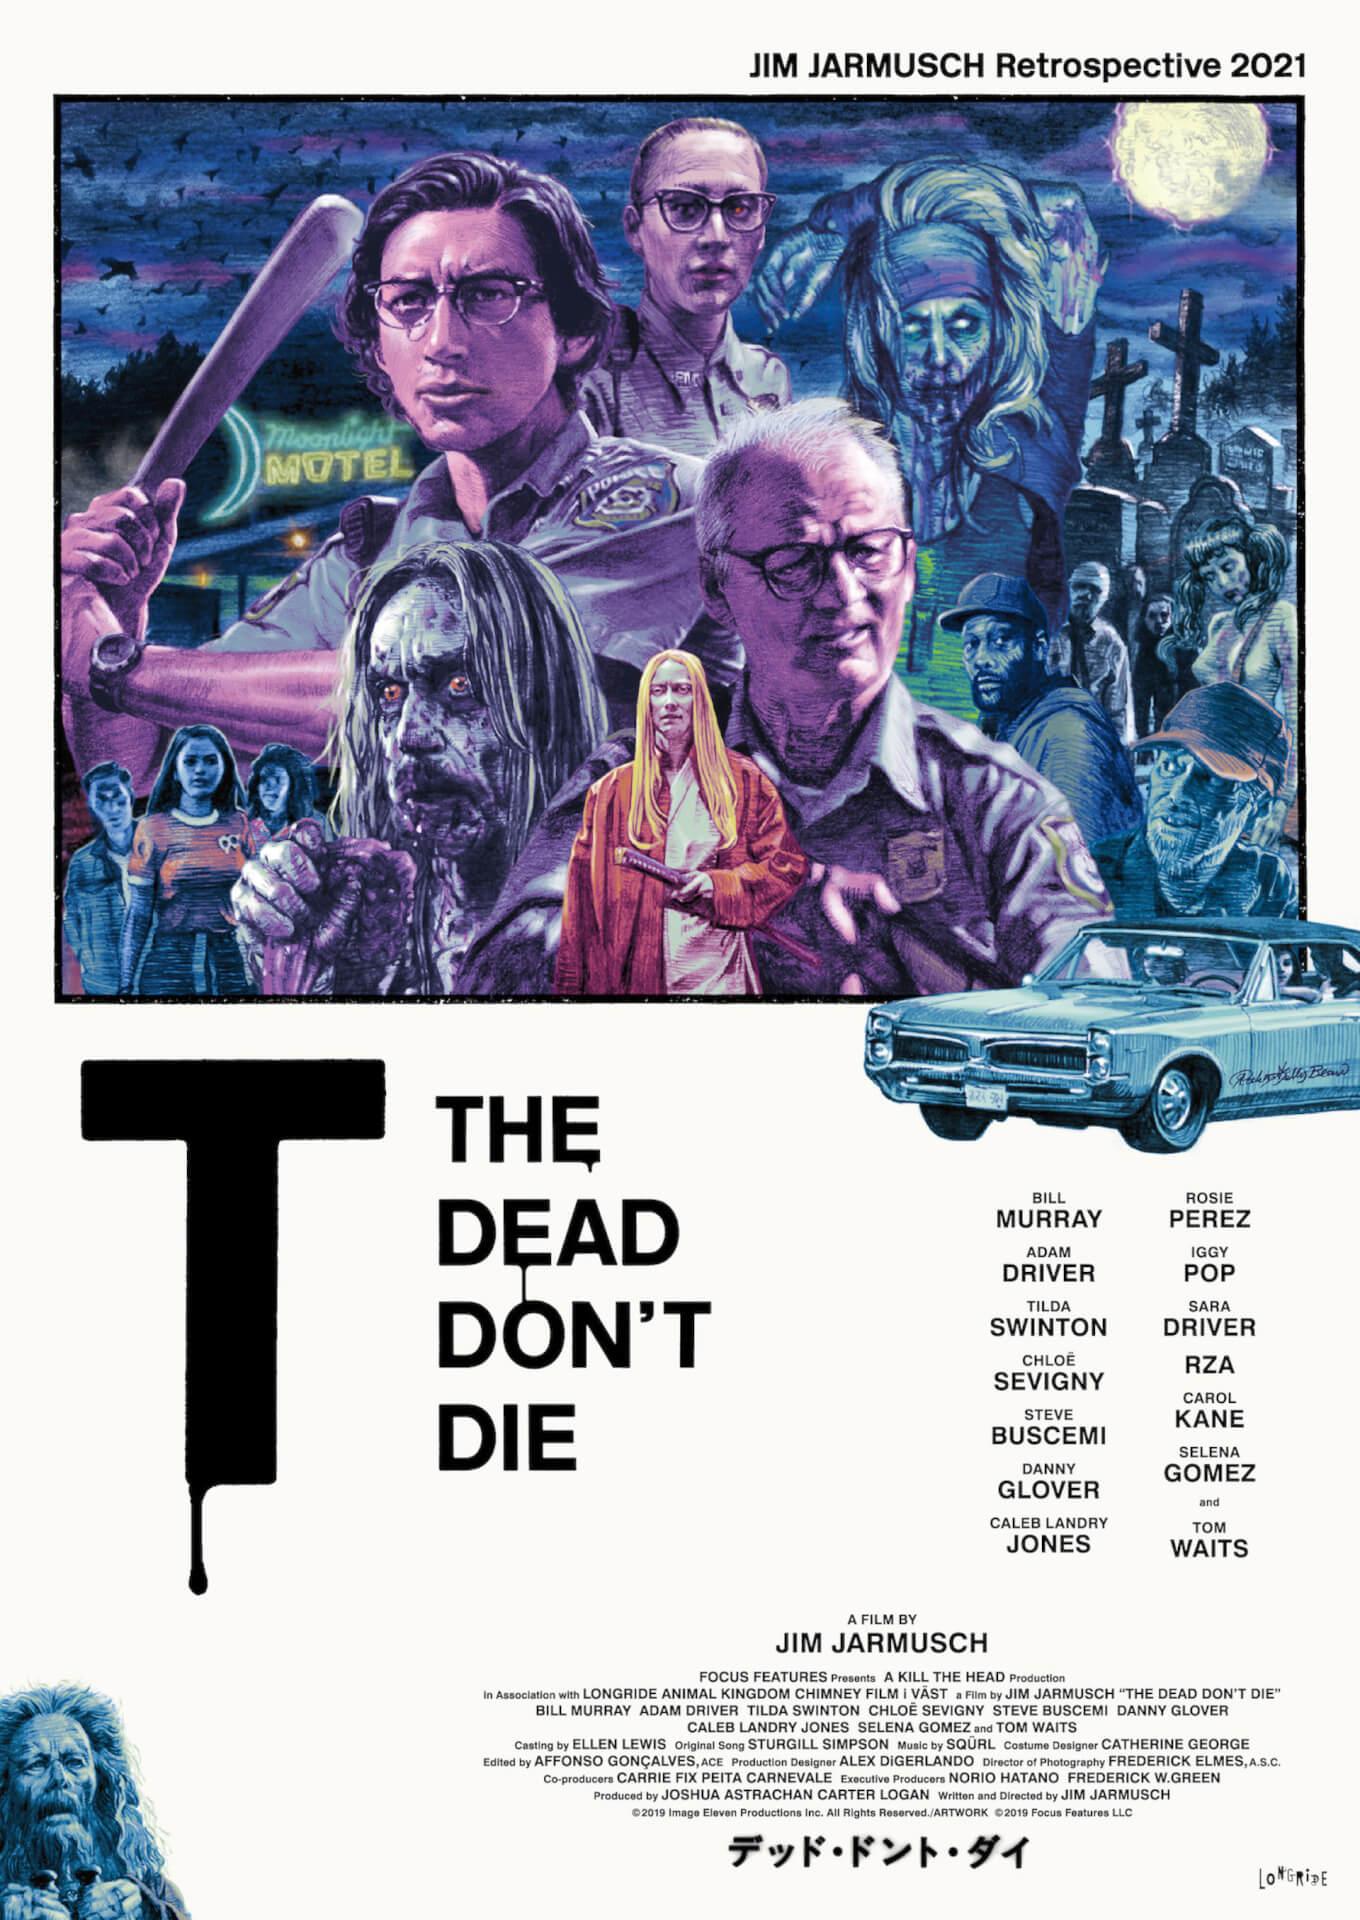 ジム・ジャームッシュの名作が続々上映!『ストレンジャー・ザン・パラダイス』など全12作品のポスター&チラシビジュアルが新たに制作&配布決定 film210611_jimjarmusch_15